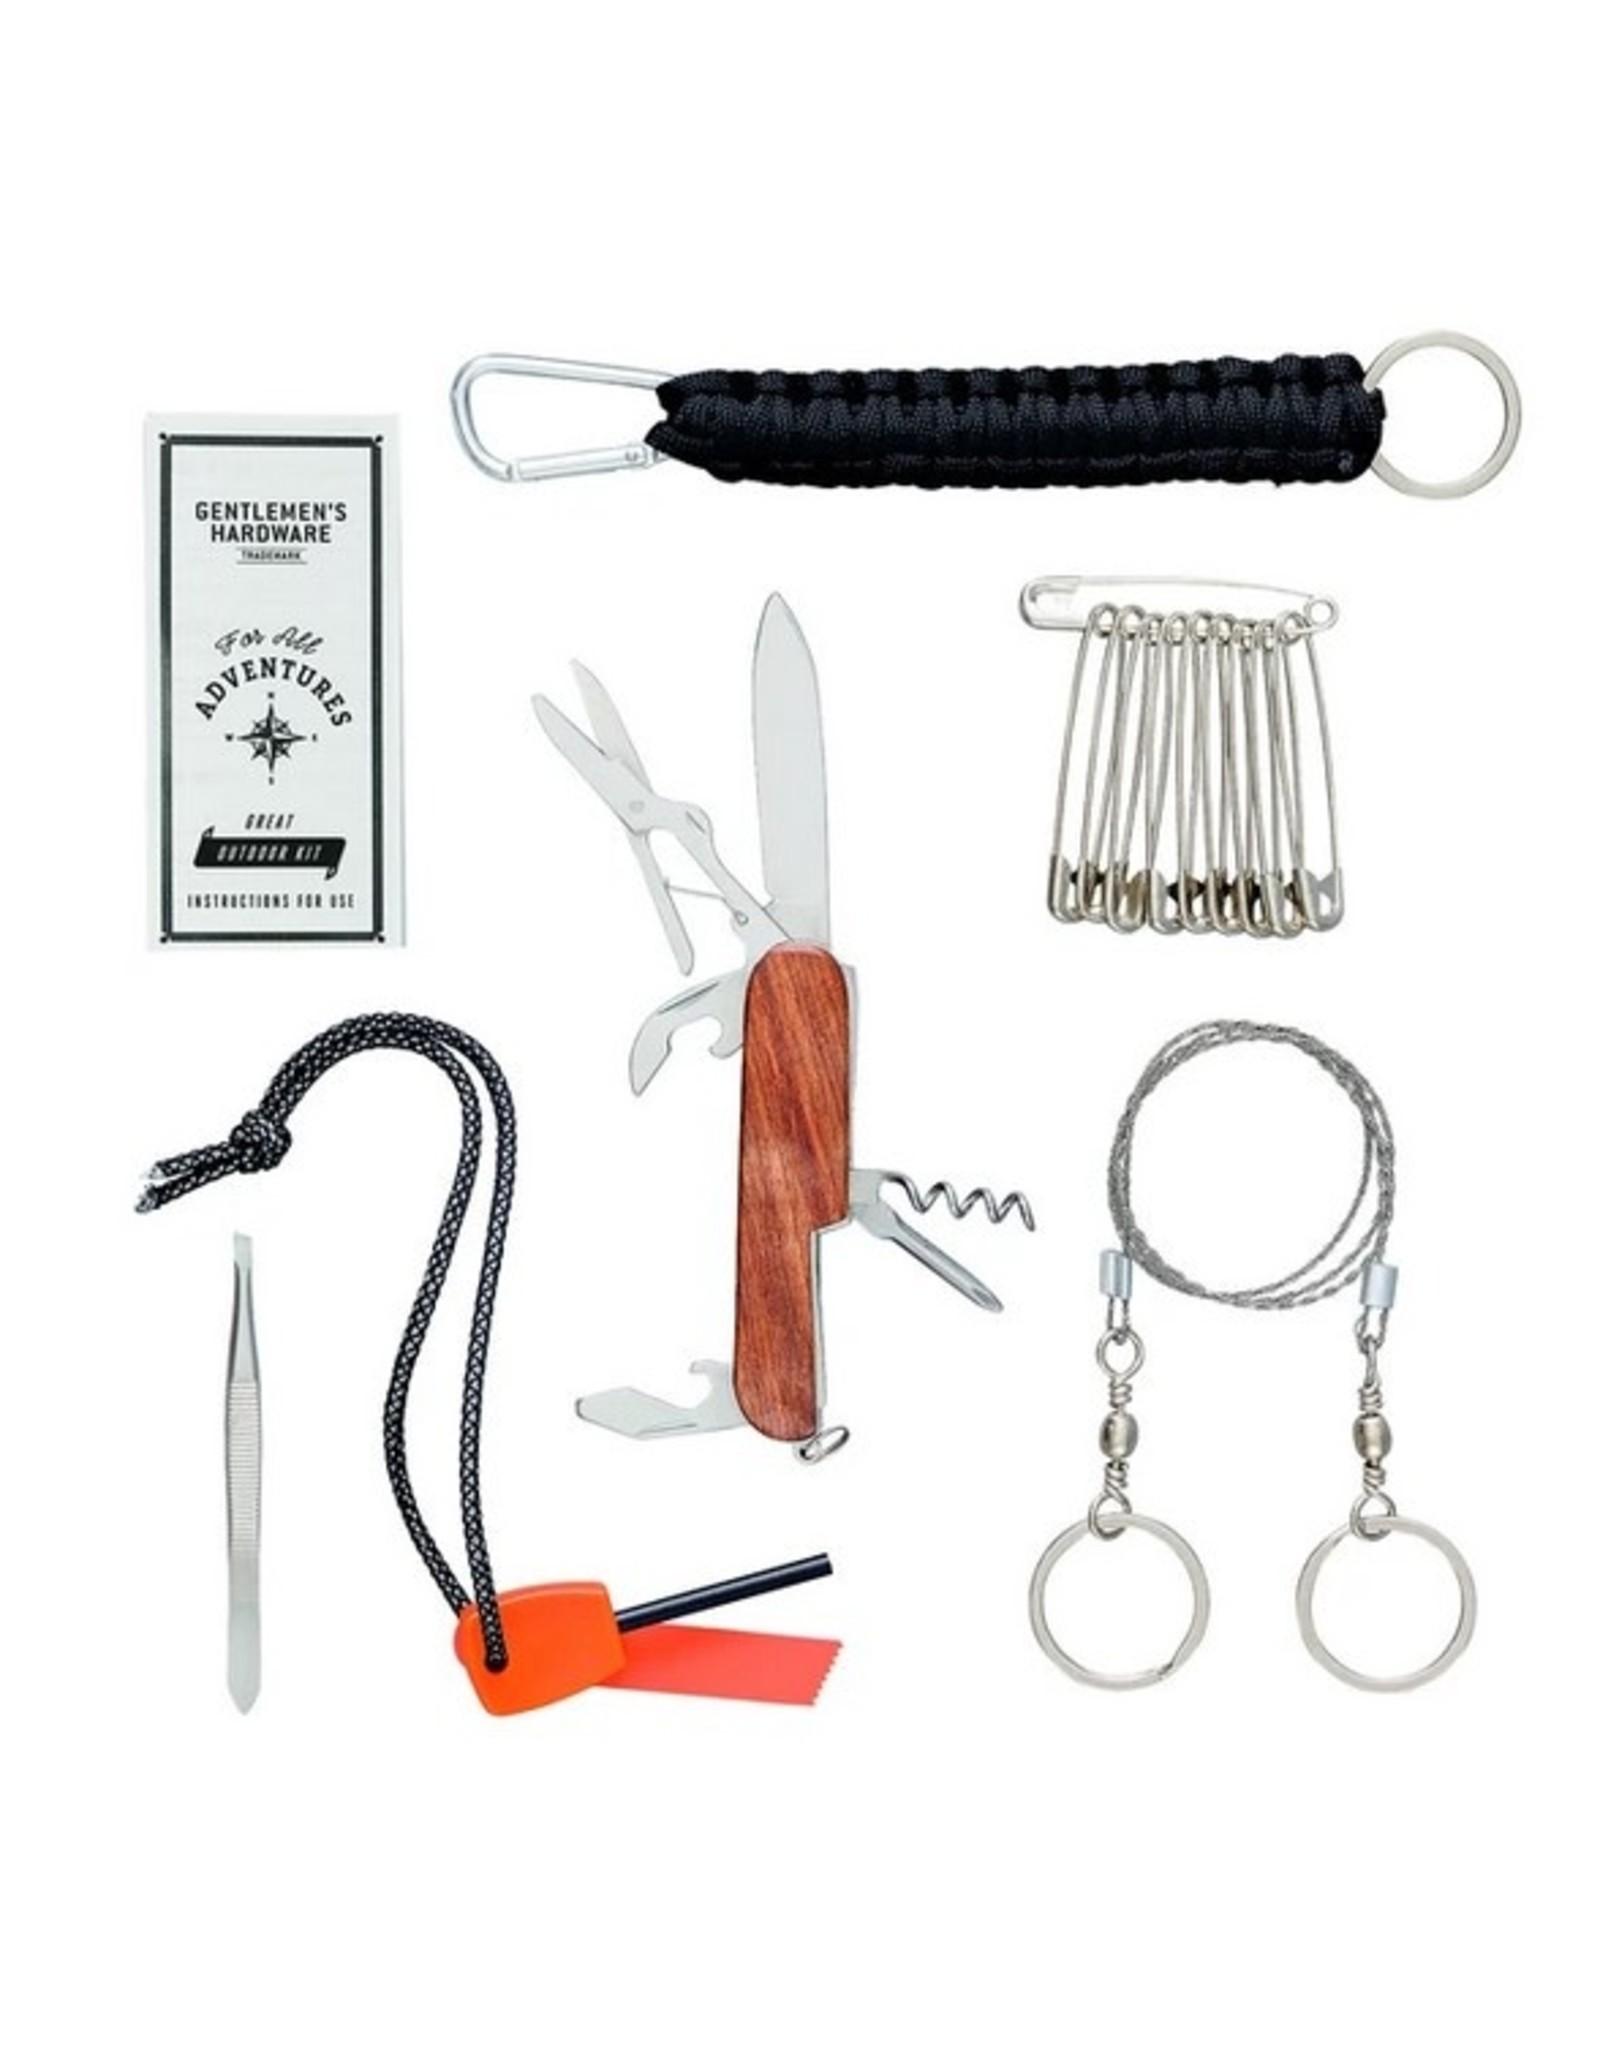 Gentlemen's Hardware Great Outdoors Survival Kit